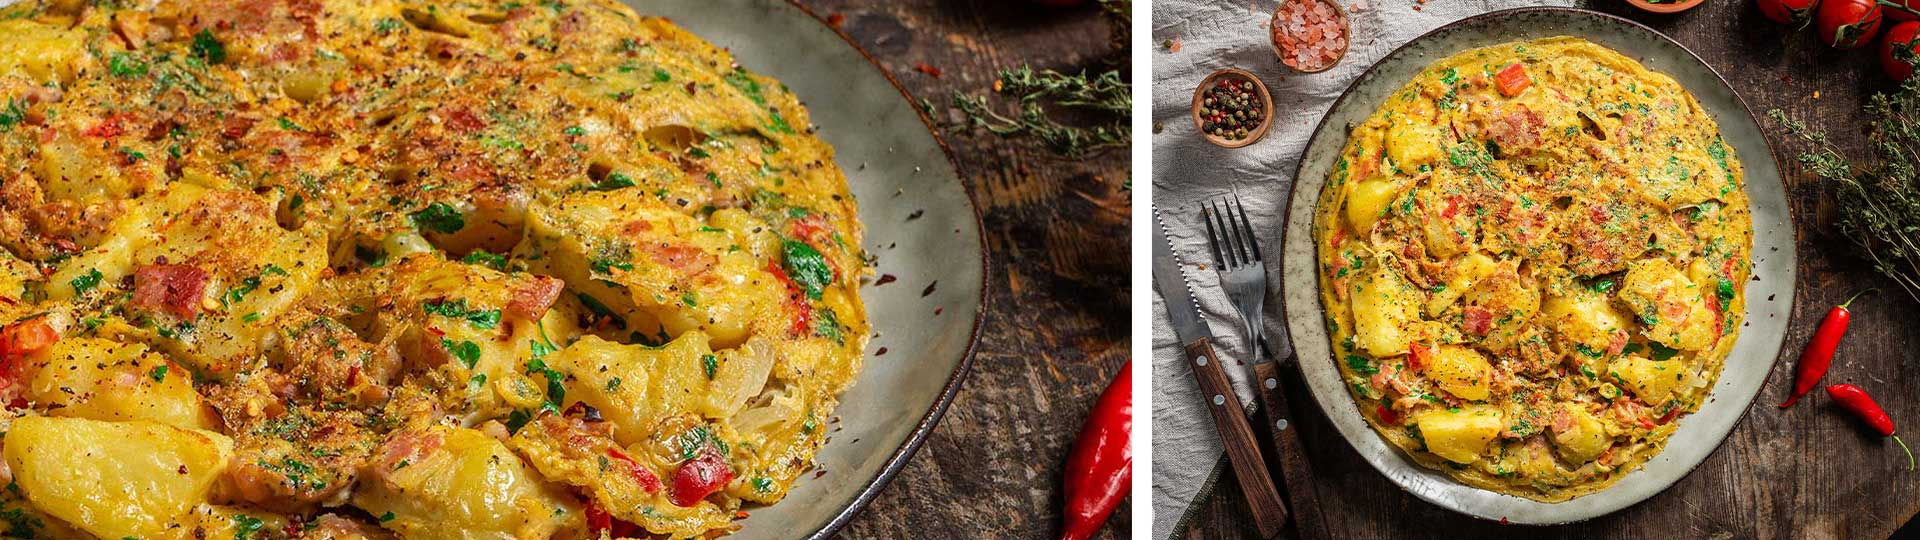 Рецепти с яйца: Омлет по селски